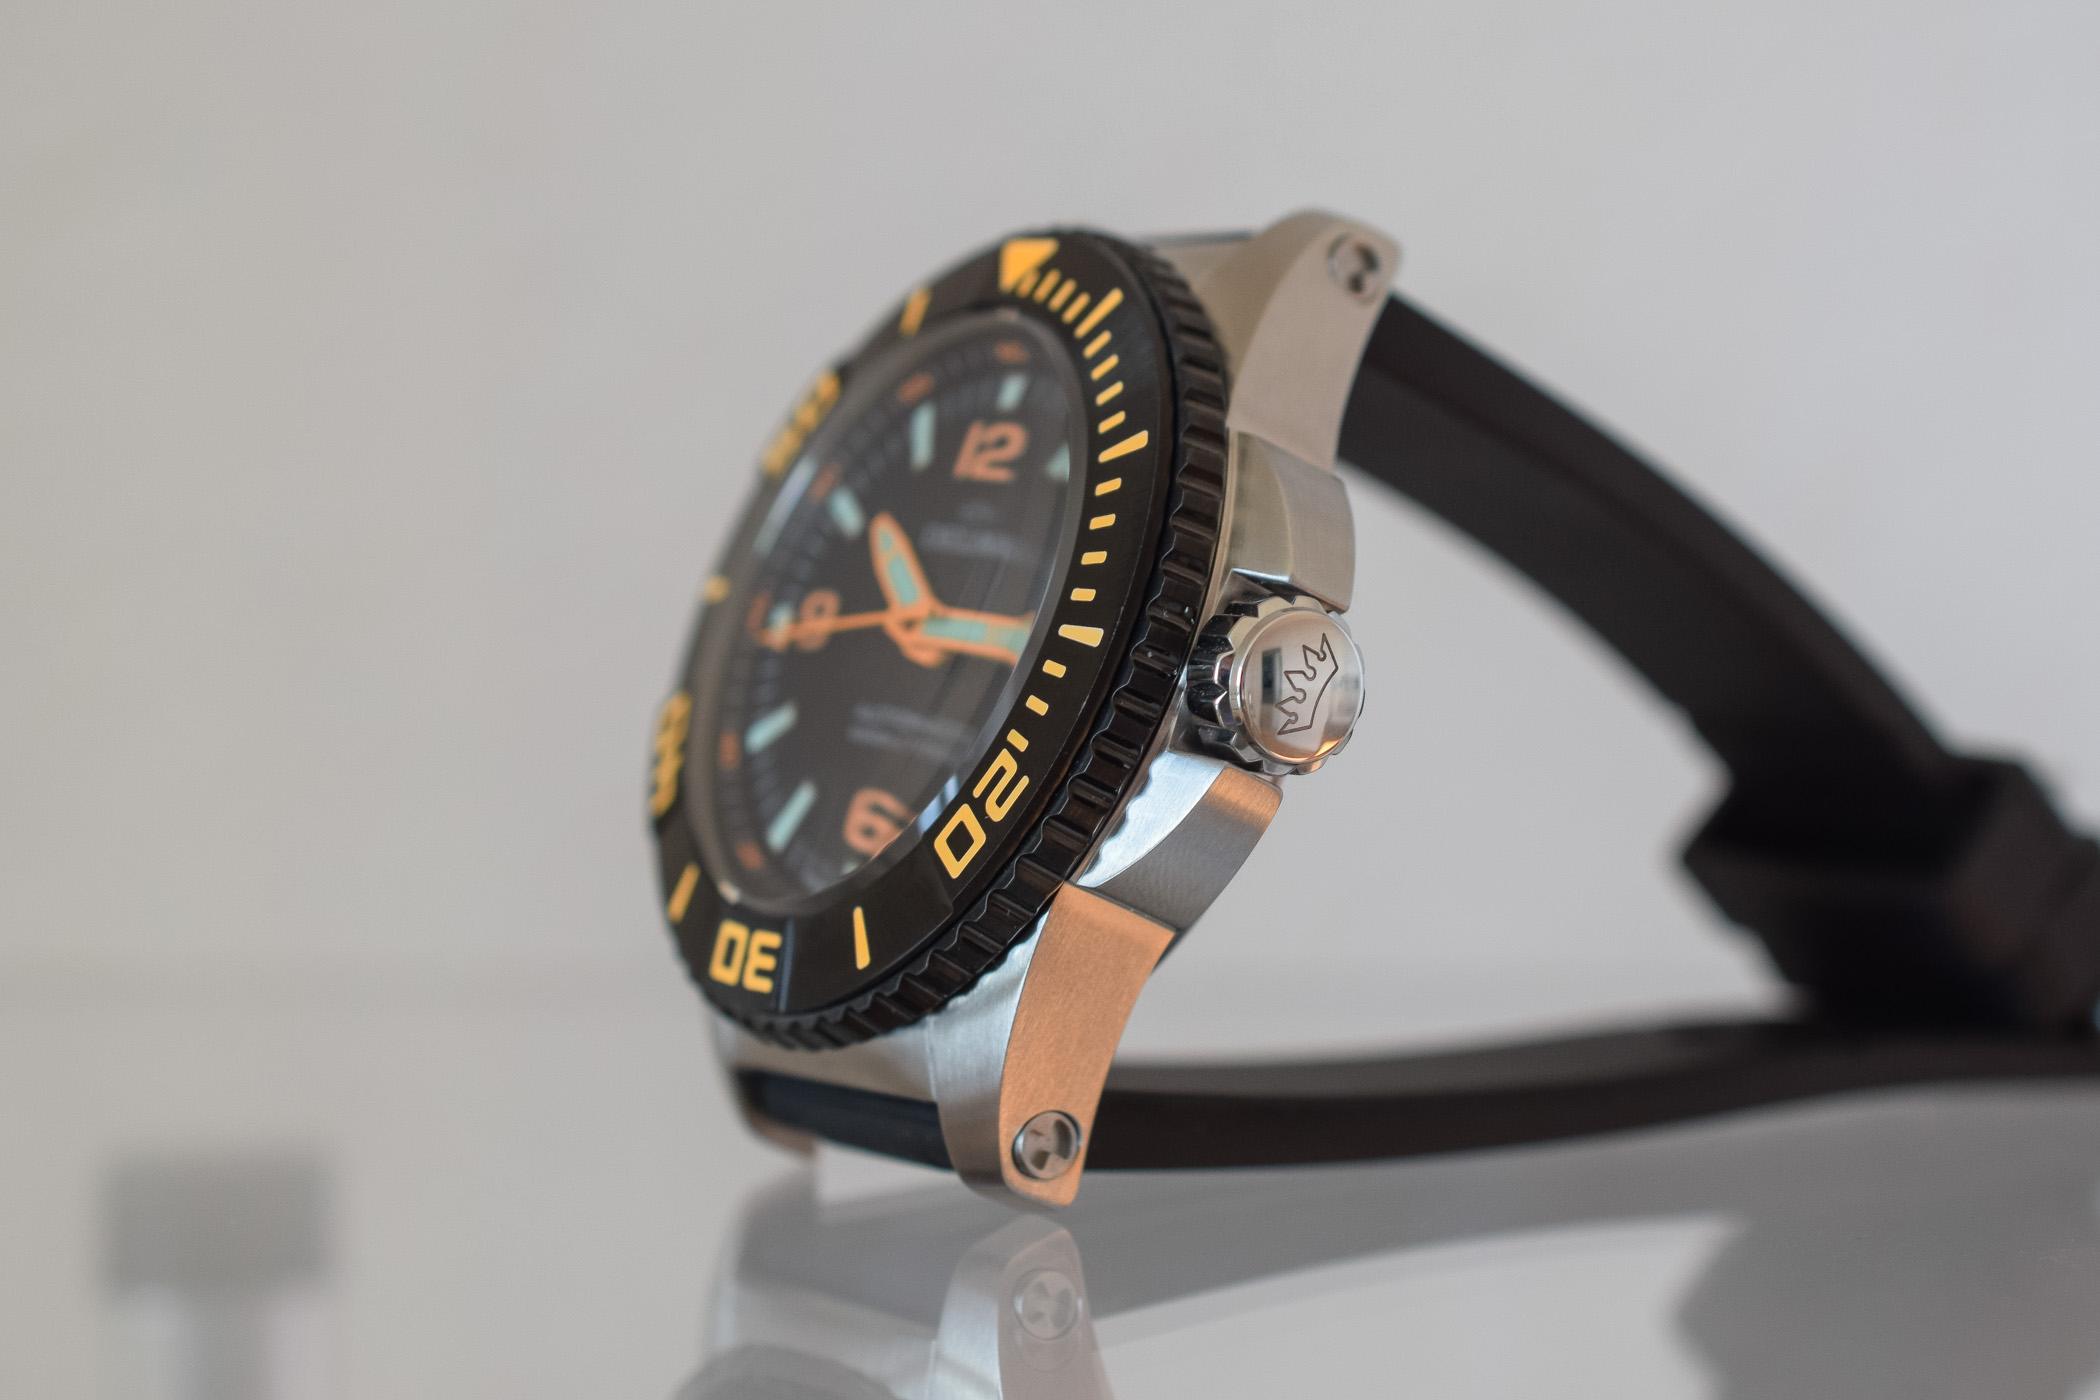 Delma Blue Shark III 4000m Deep Dive